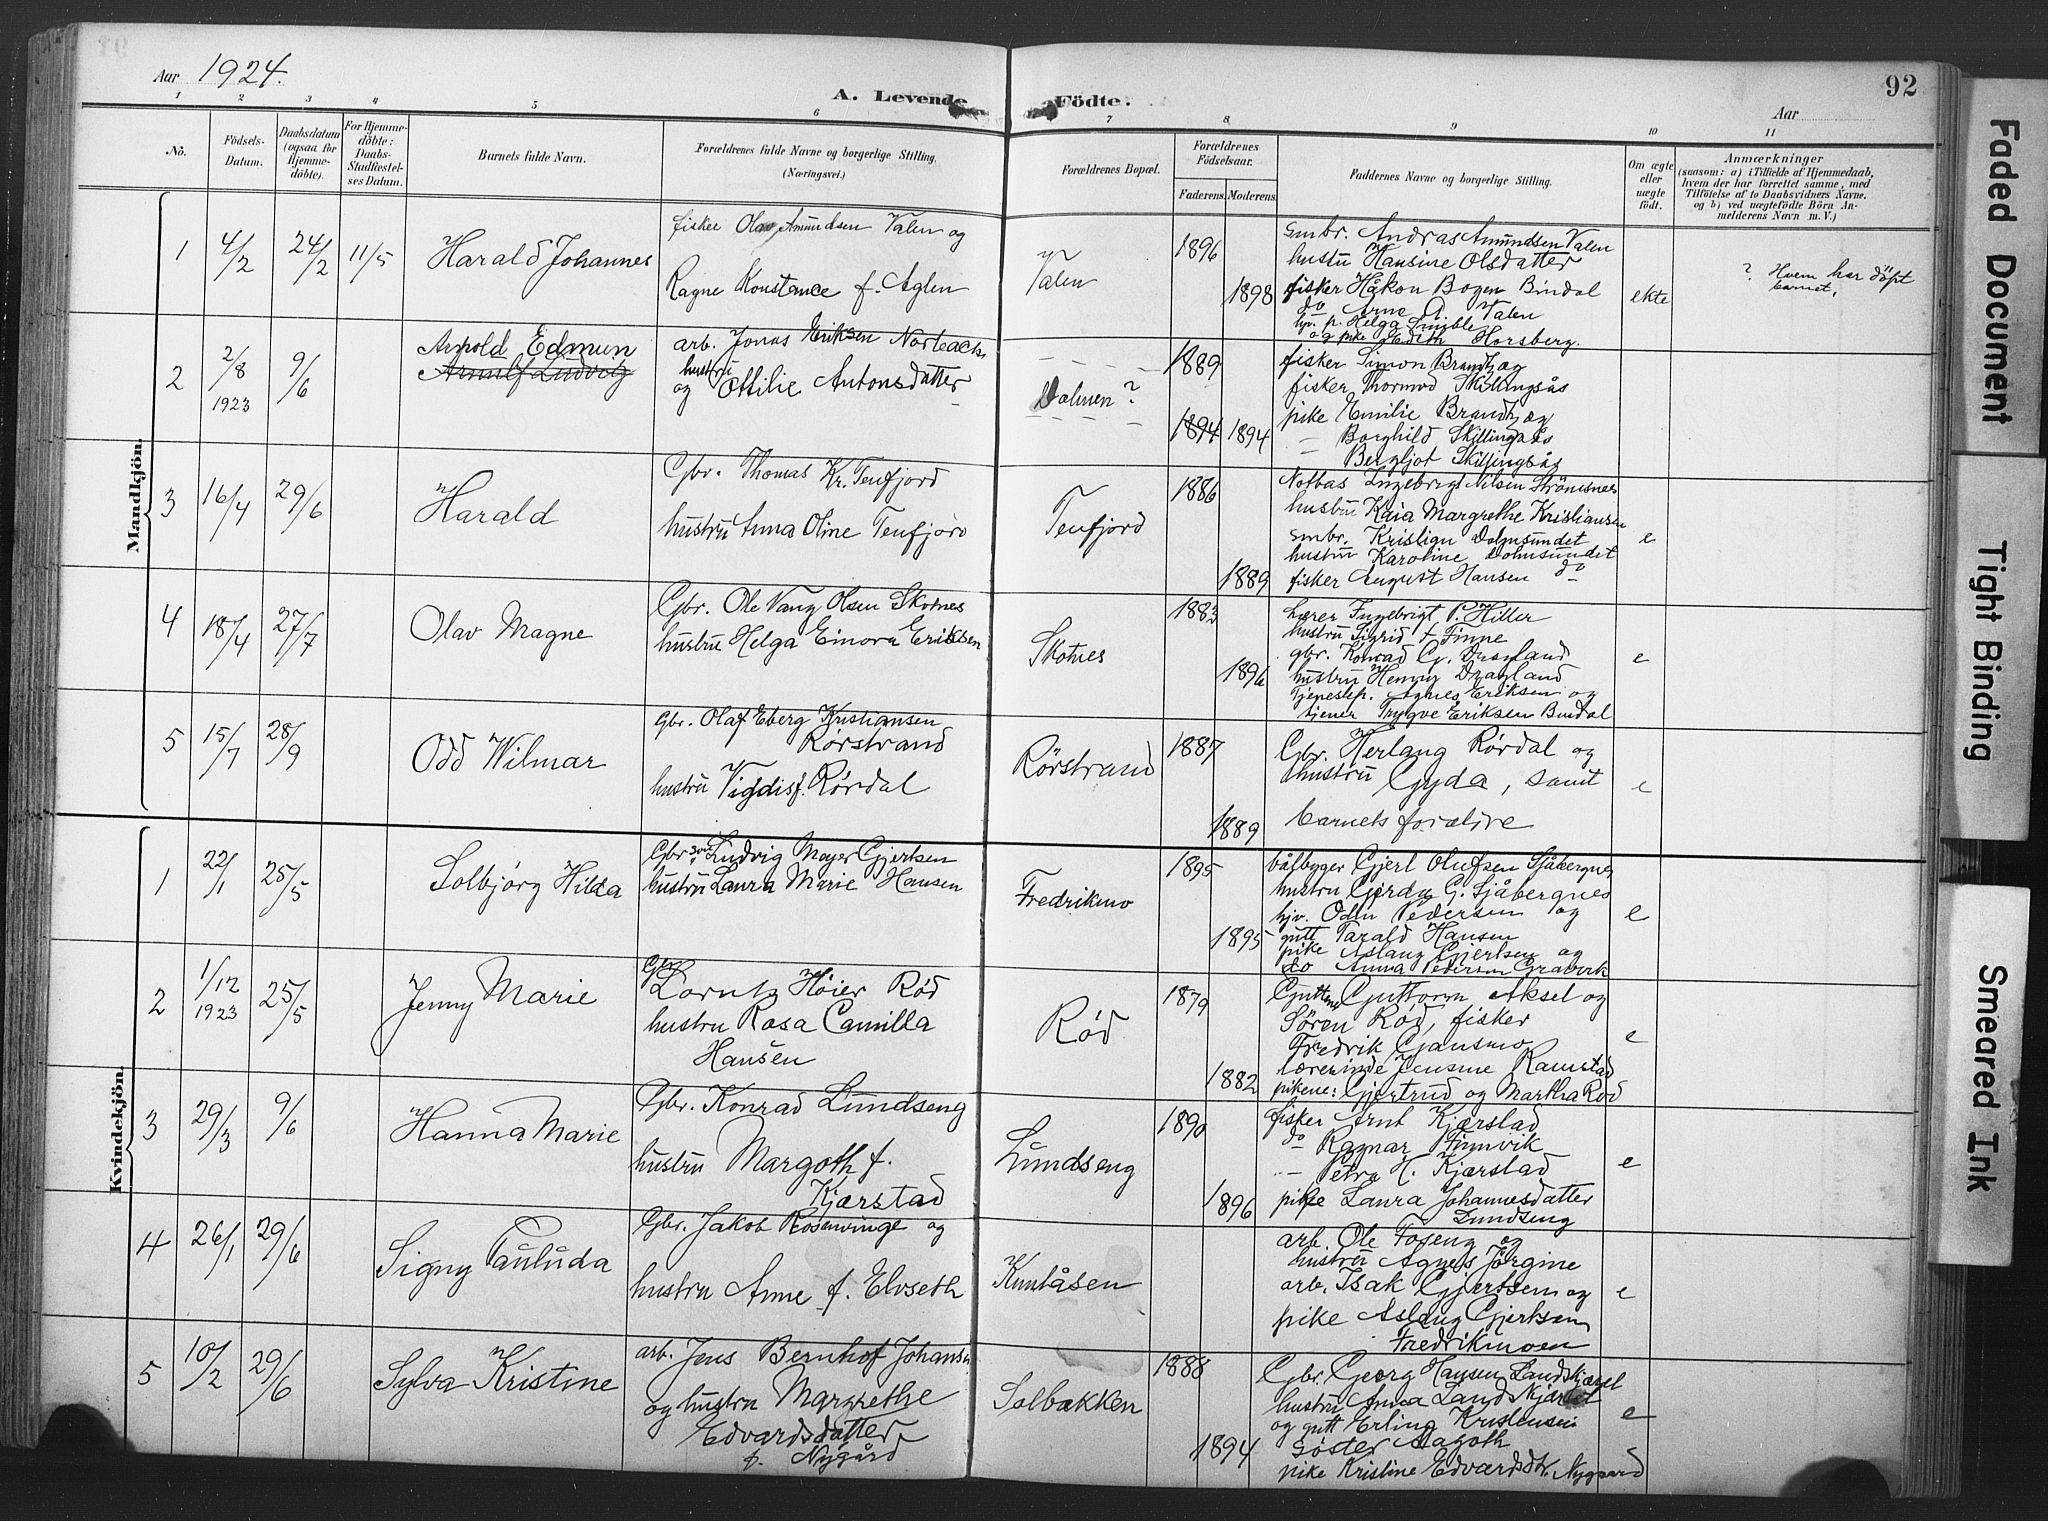 SAT, Ministerialprotokoller, klokkerbøker og fødselsregistre - Nord-Trøndelag, 789/L0706: Klokkerbok nr. 789C01, 1888-1931, s. 92